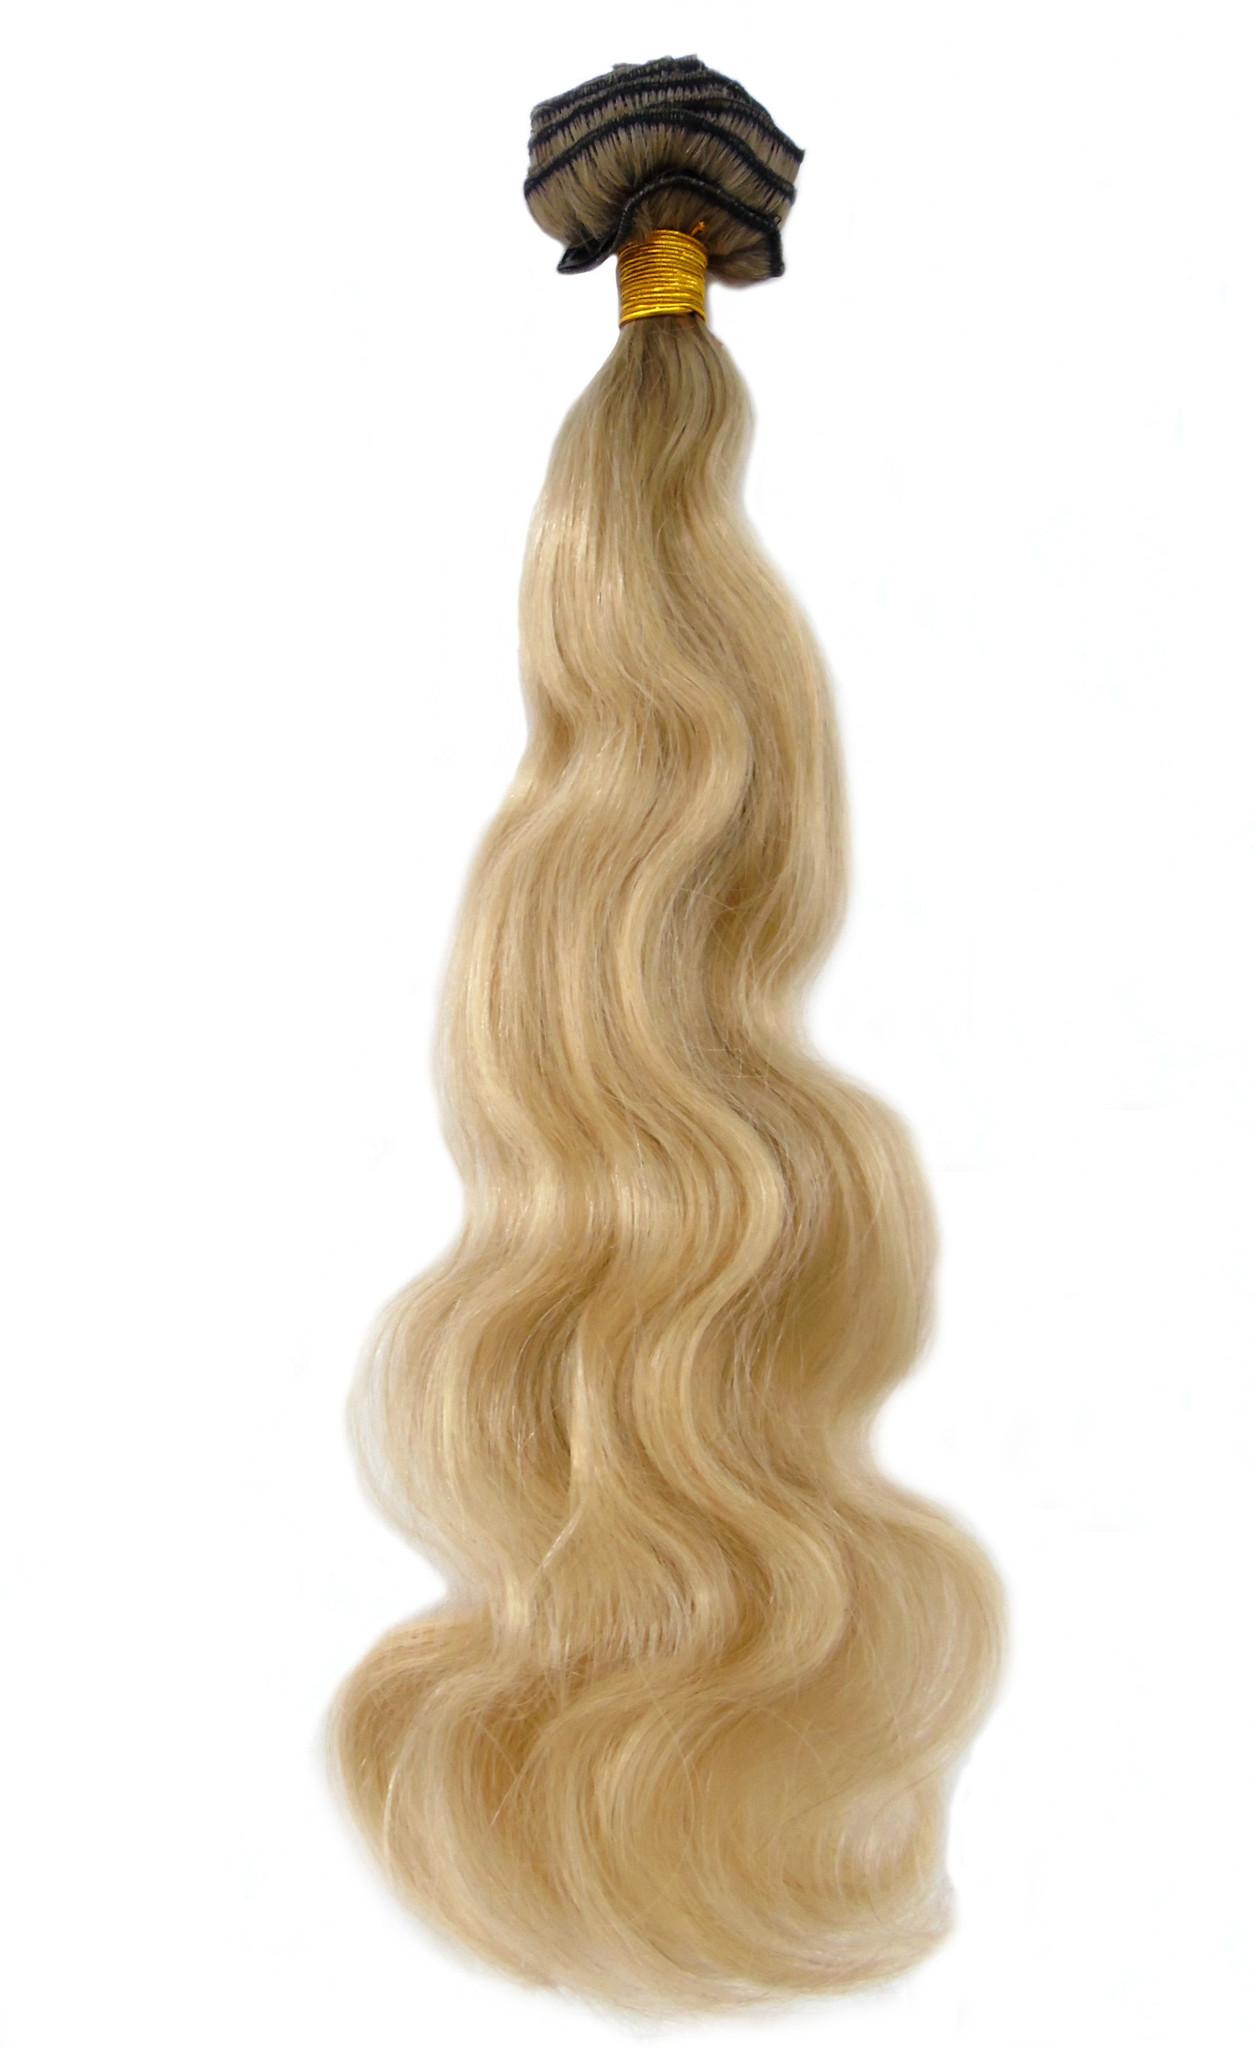 Trasselfritt Europeiskthår blond